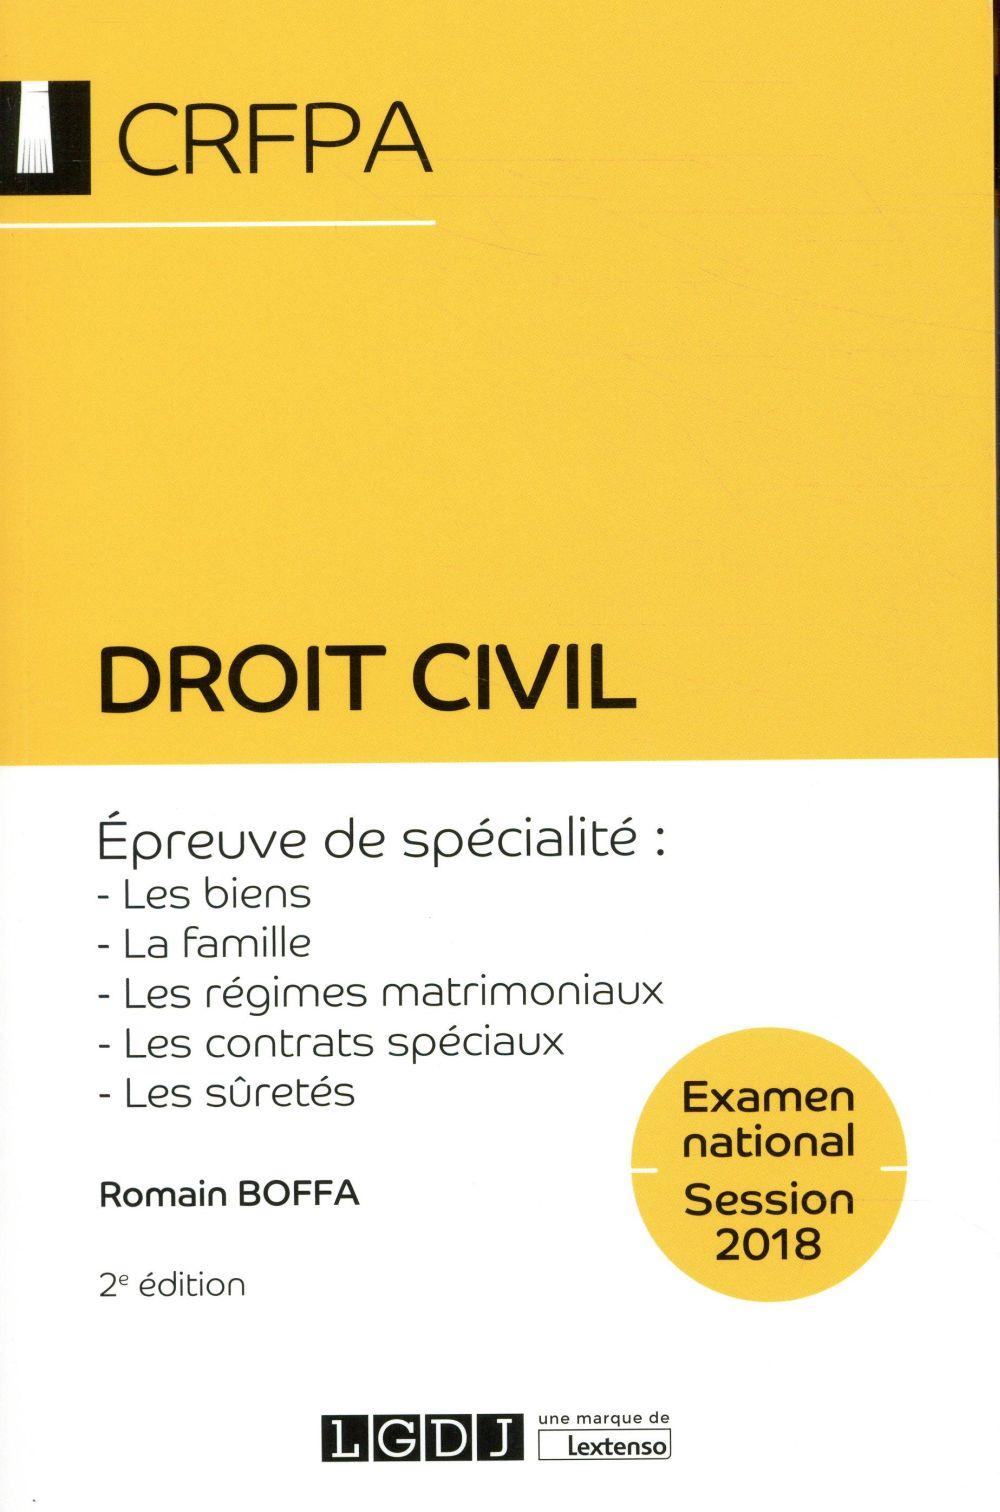 Droit civil ; épreuve de spécialité : les biens, la famille, les régimes matrimoniaux, les contrats spéciaux, les sûretés (2e édition)